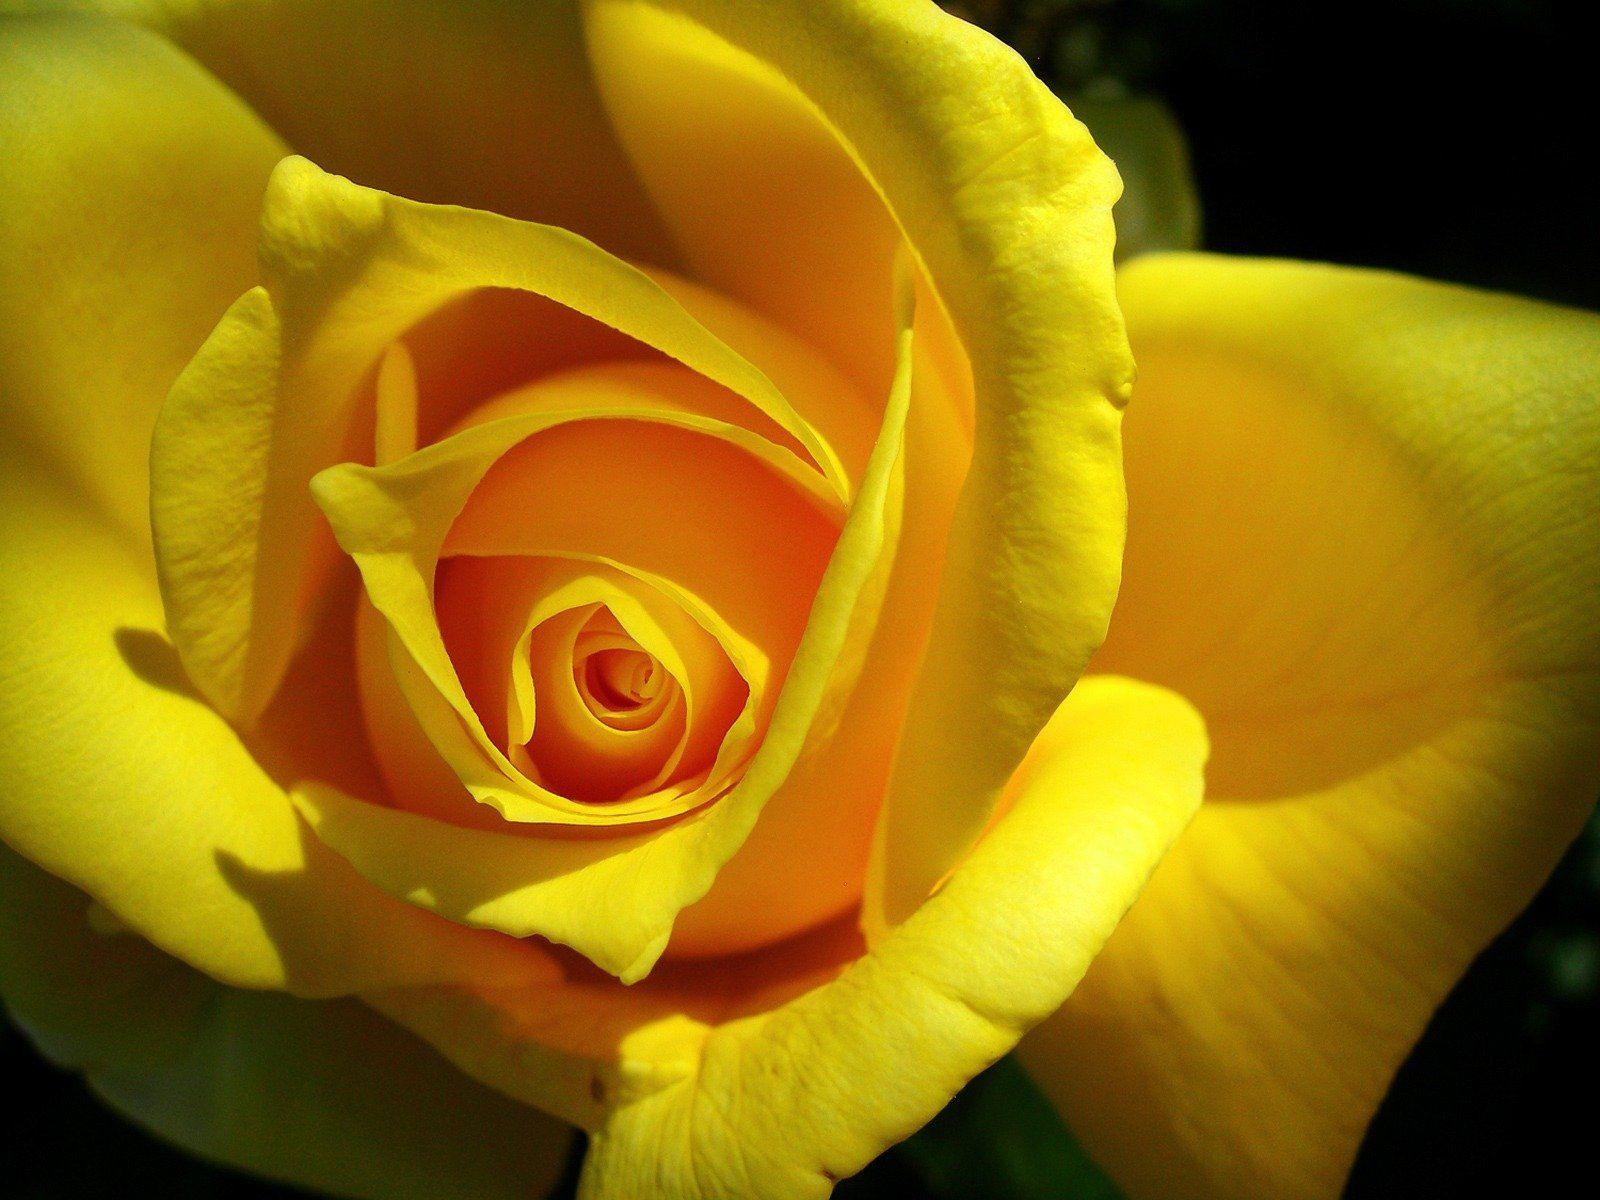 Rosas amarillas HD | FondosWiki. … | Ramos de rosas amarillas ...